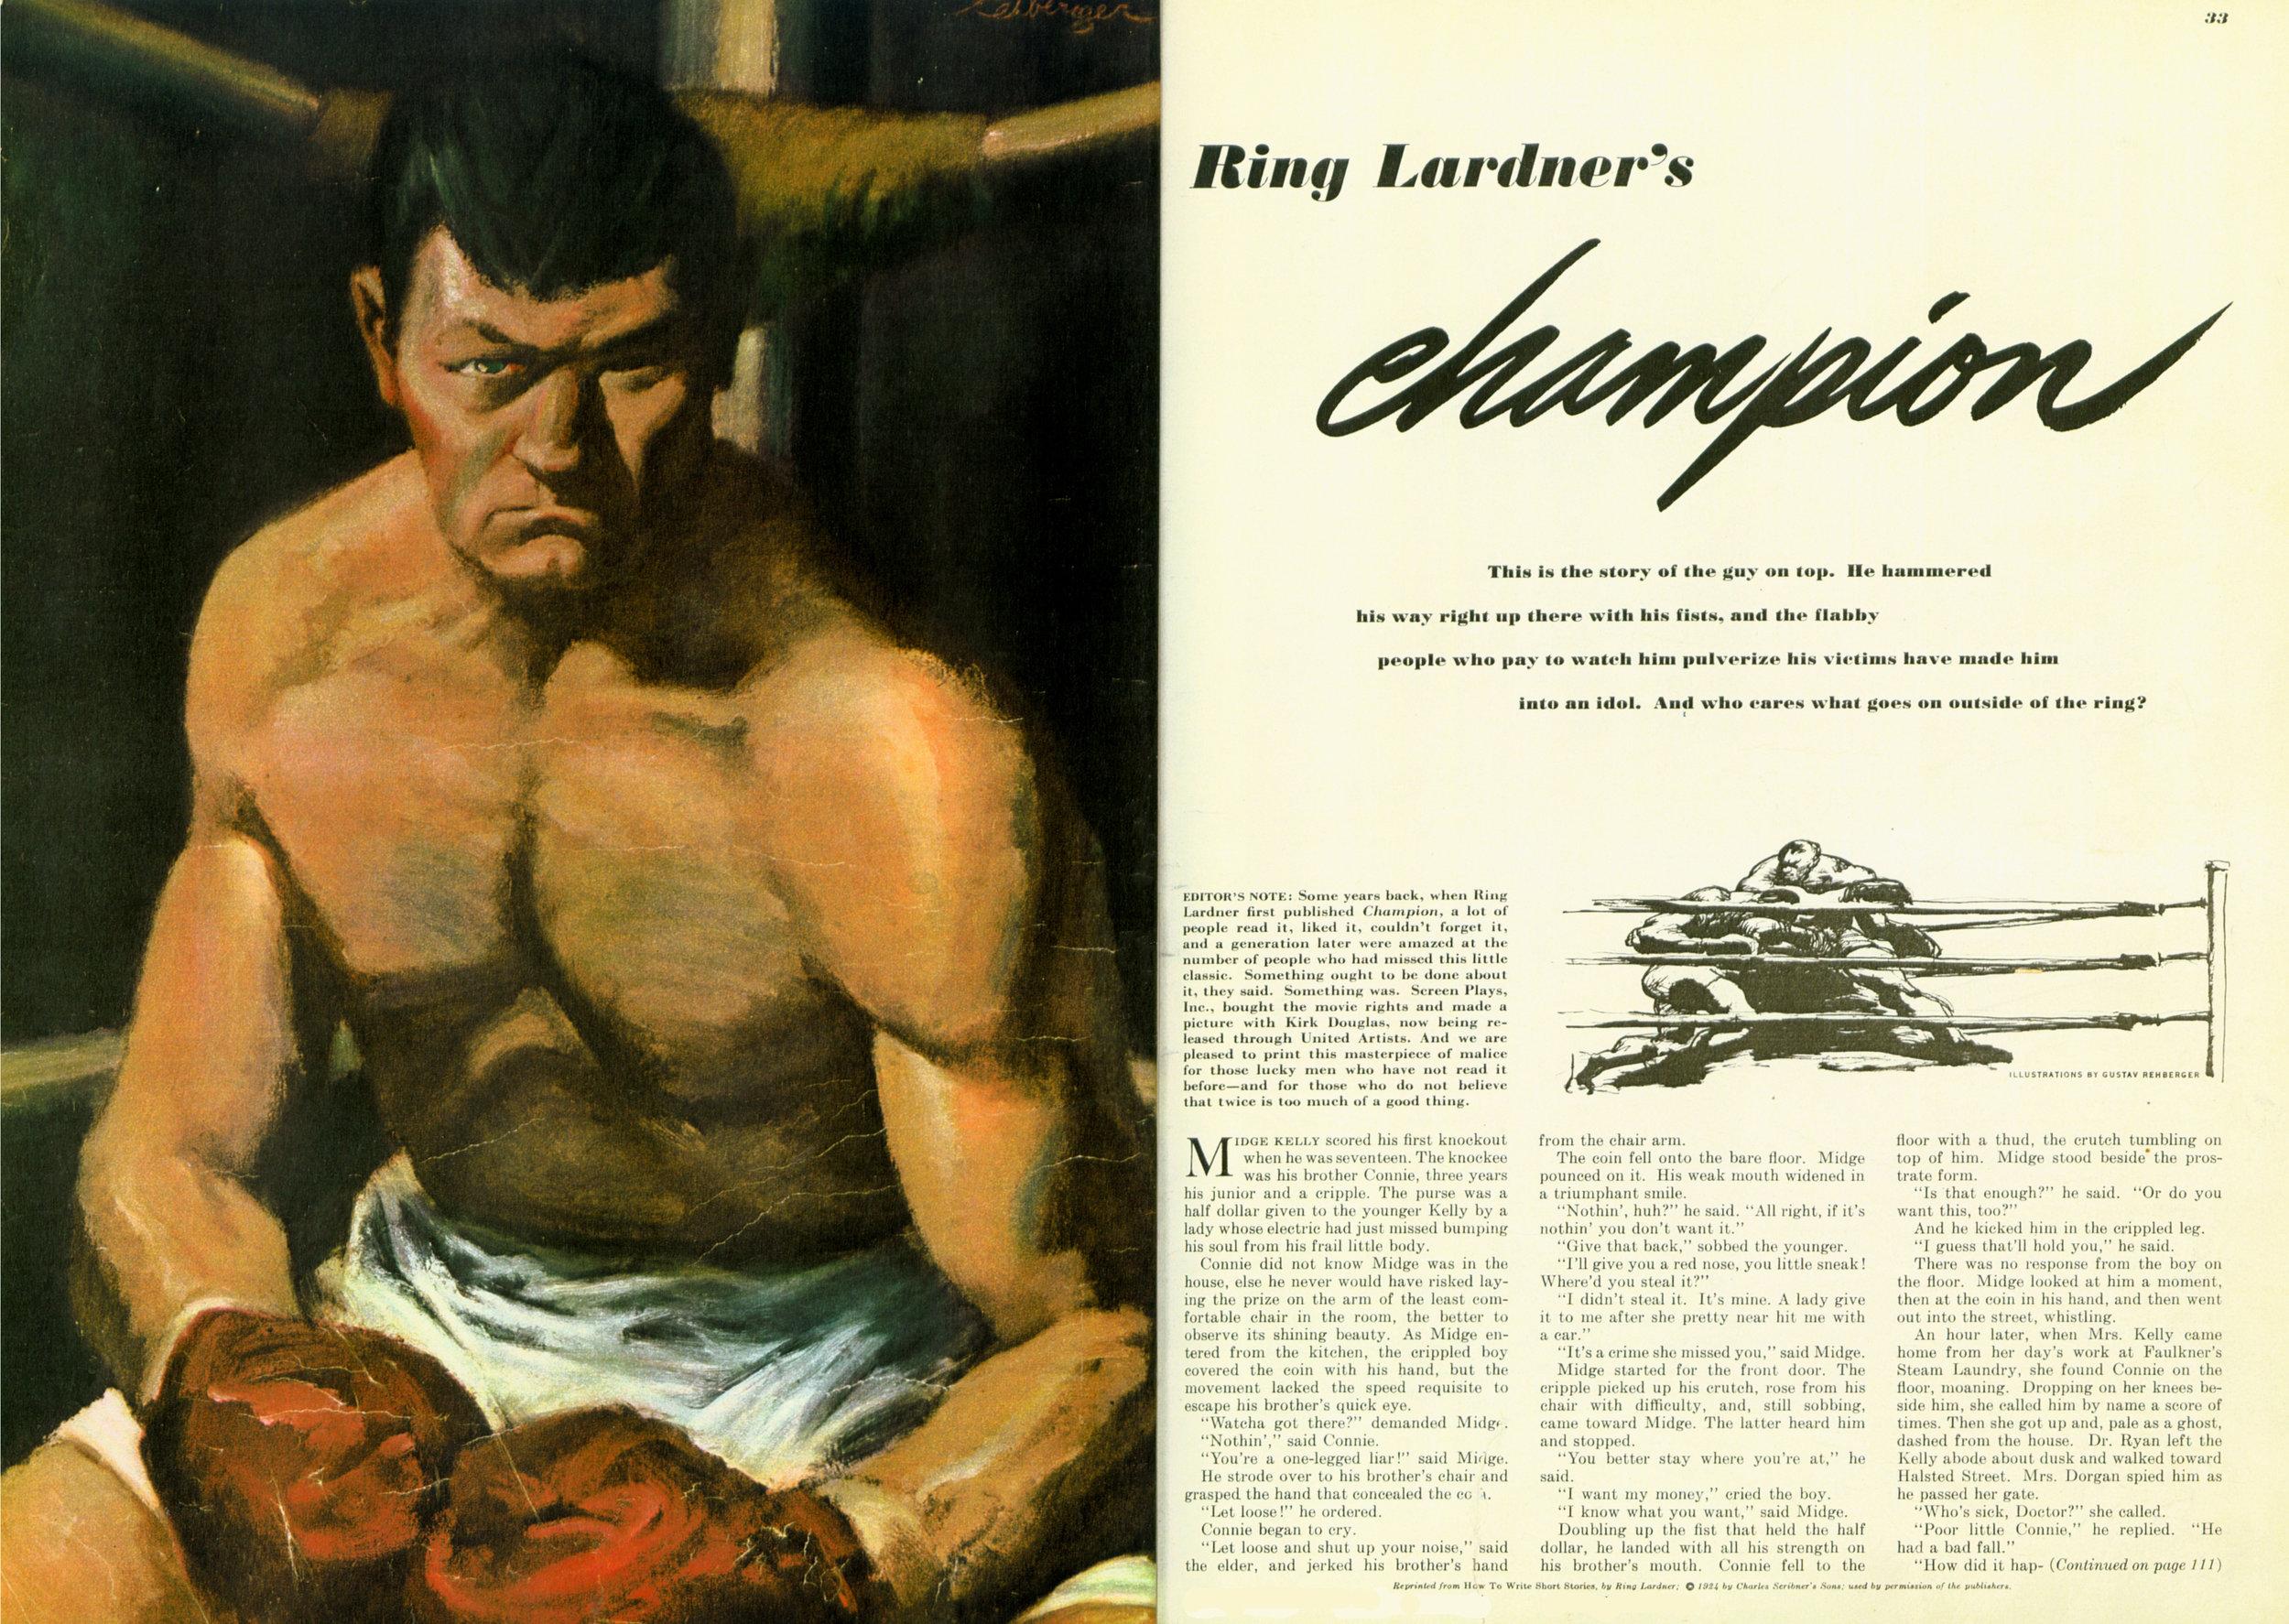 July 1949 - Ring Lardner's Champion